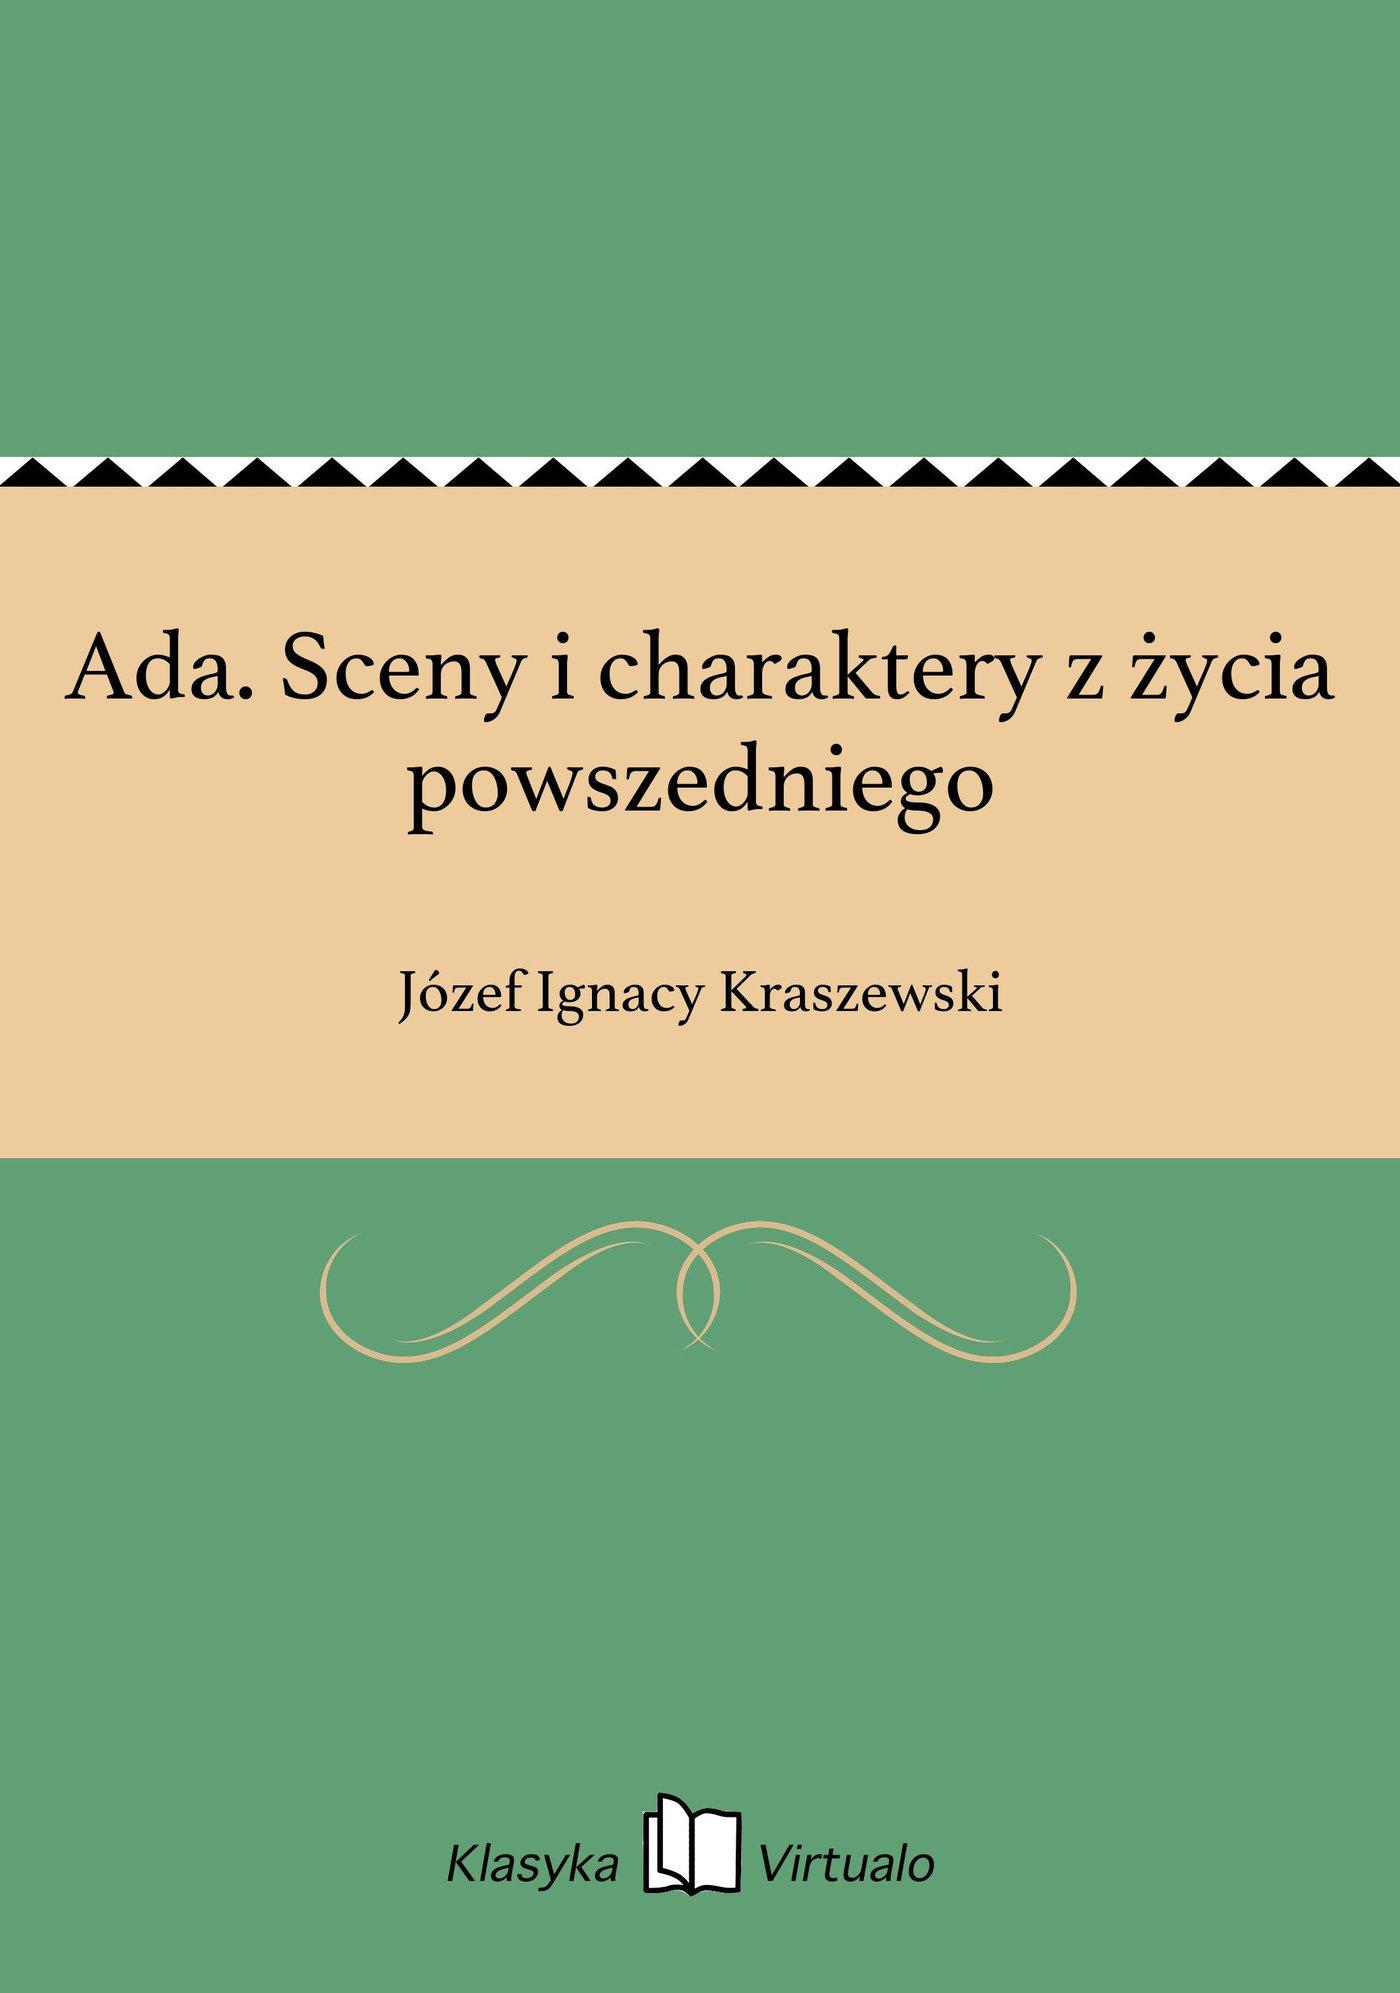 Ada. Sceny i charaktery z życia powszedniego - Ebook (Książka EPUB) do pobrania w formacie EPUB